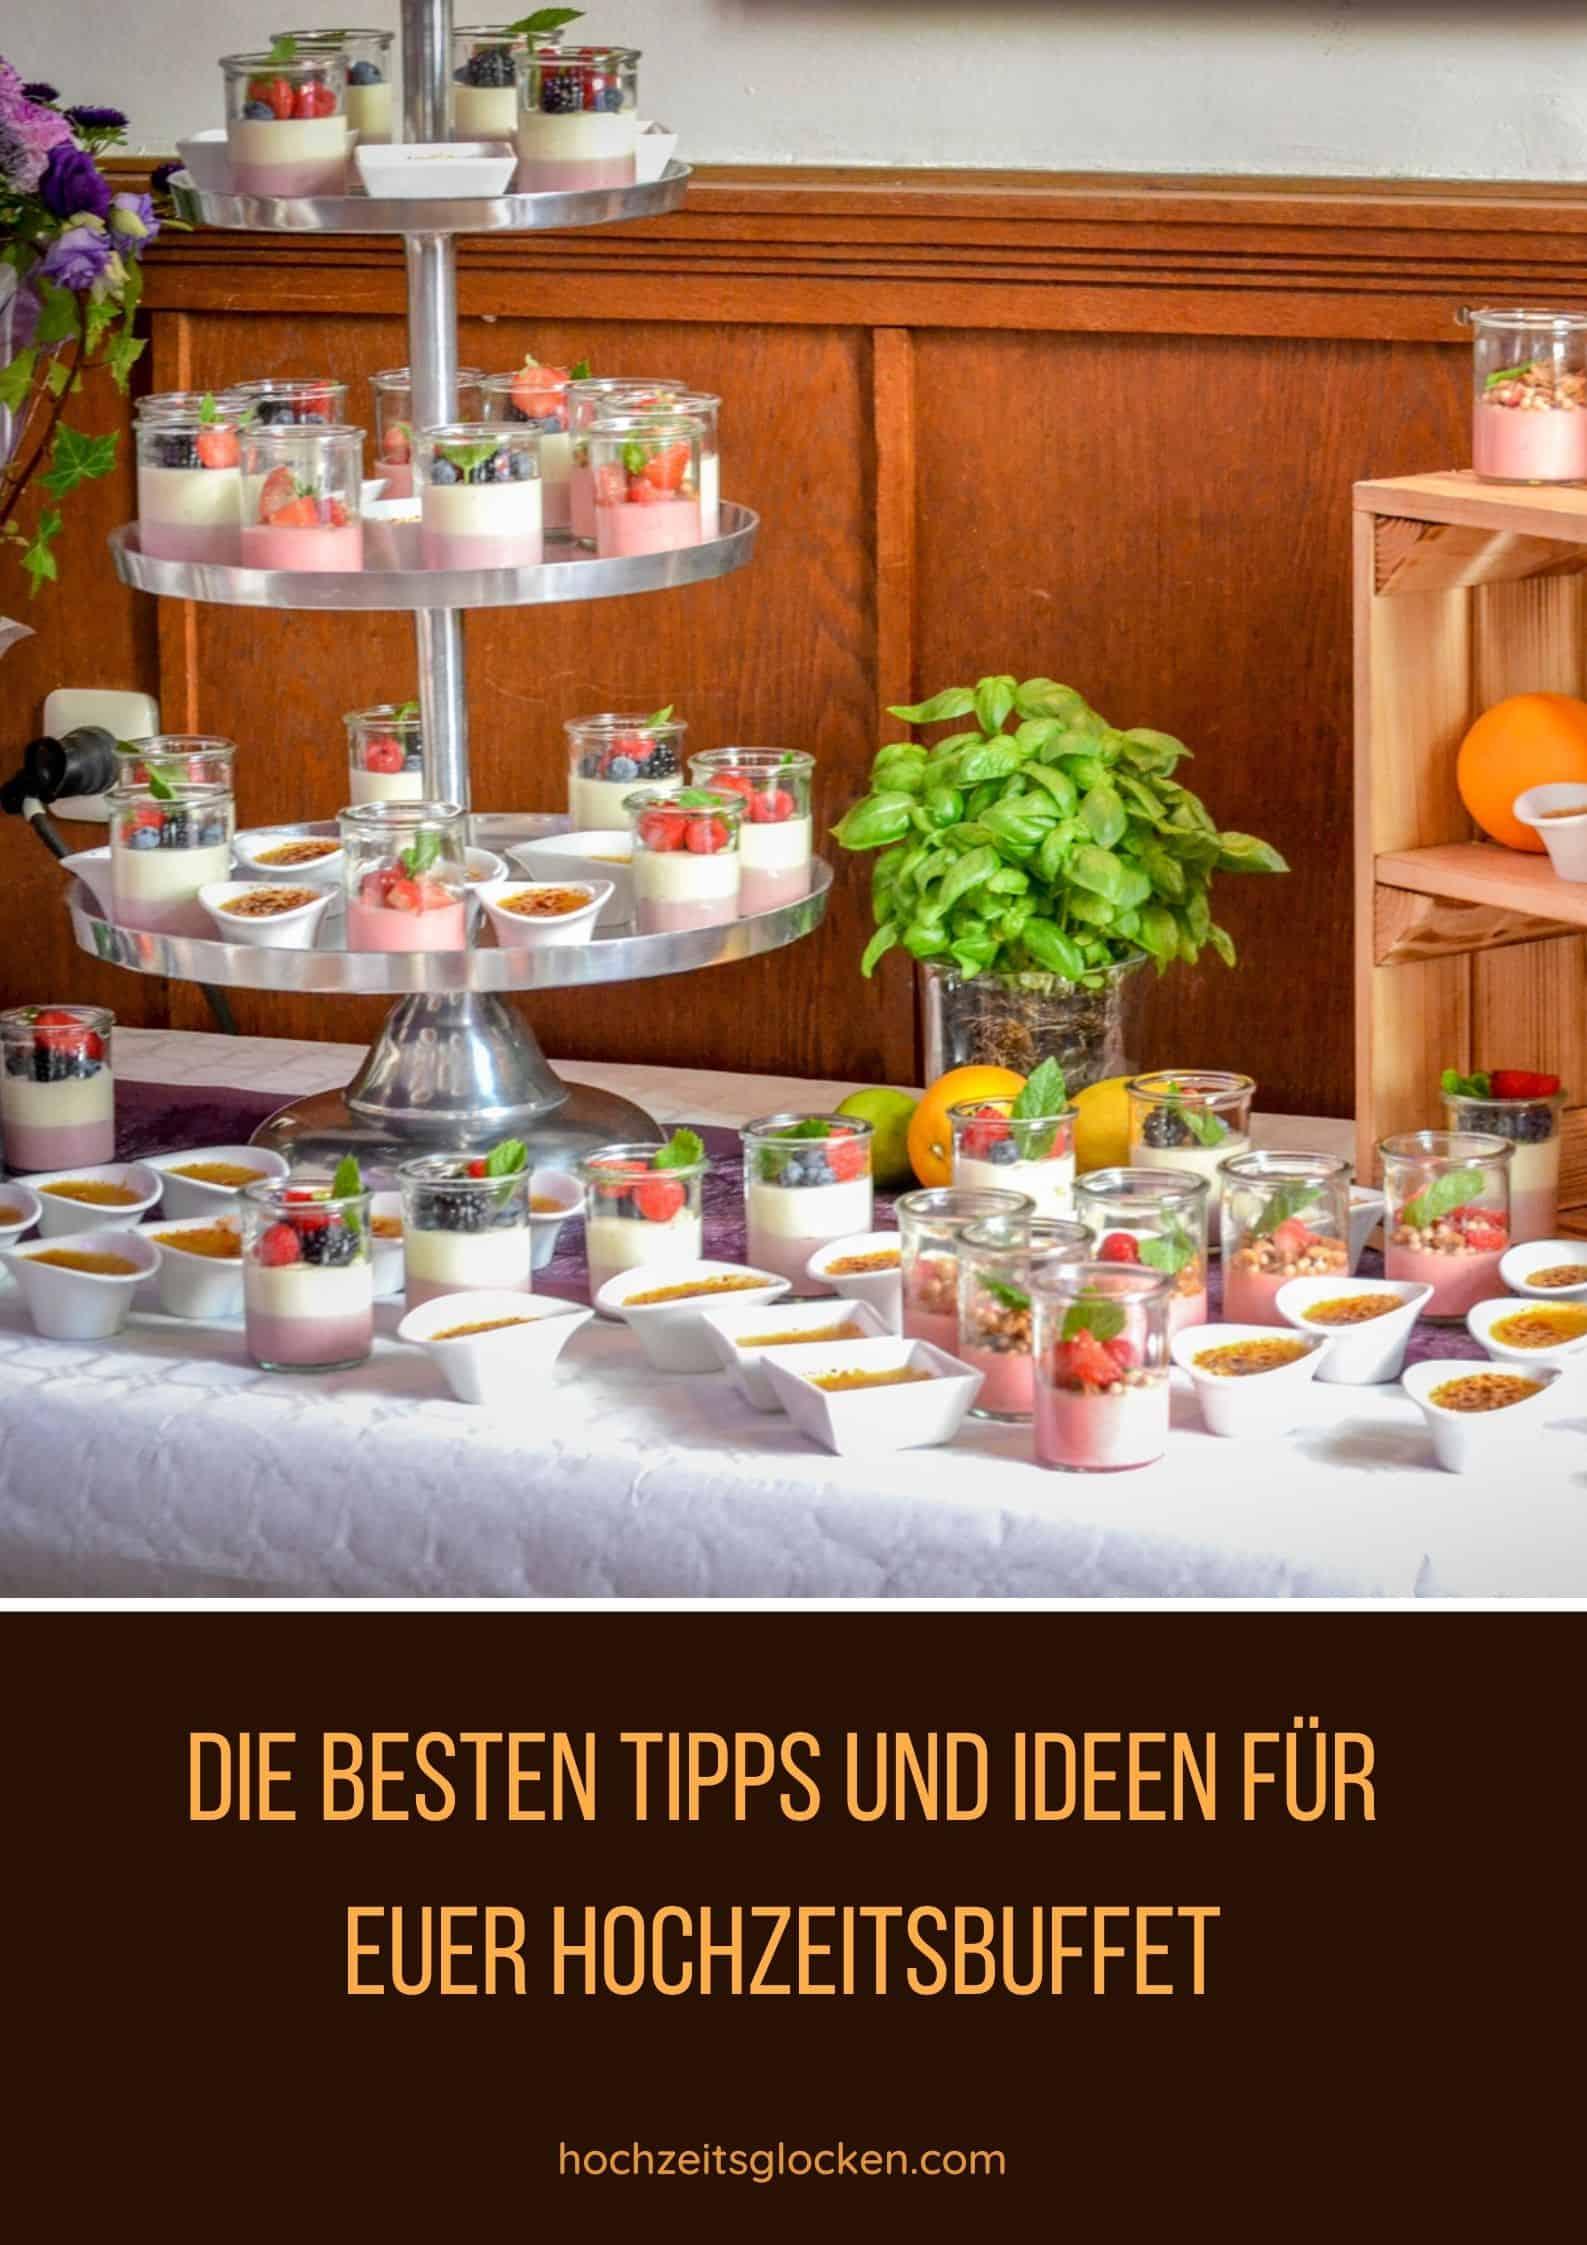 Die Besten Tipps Und Ideen Für Euer Hochzeitsbuffet